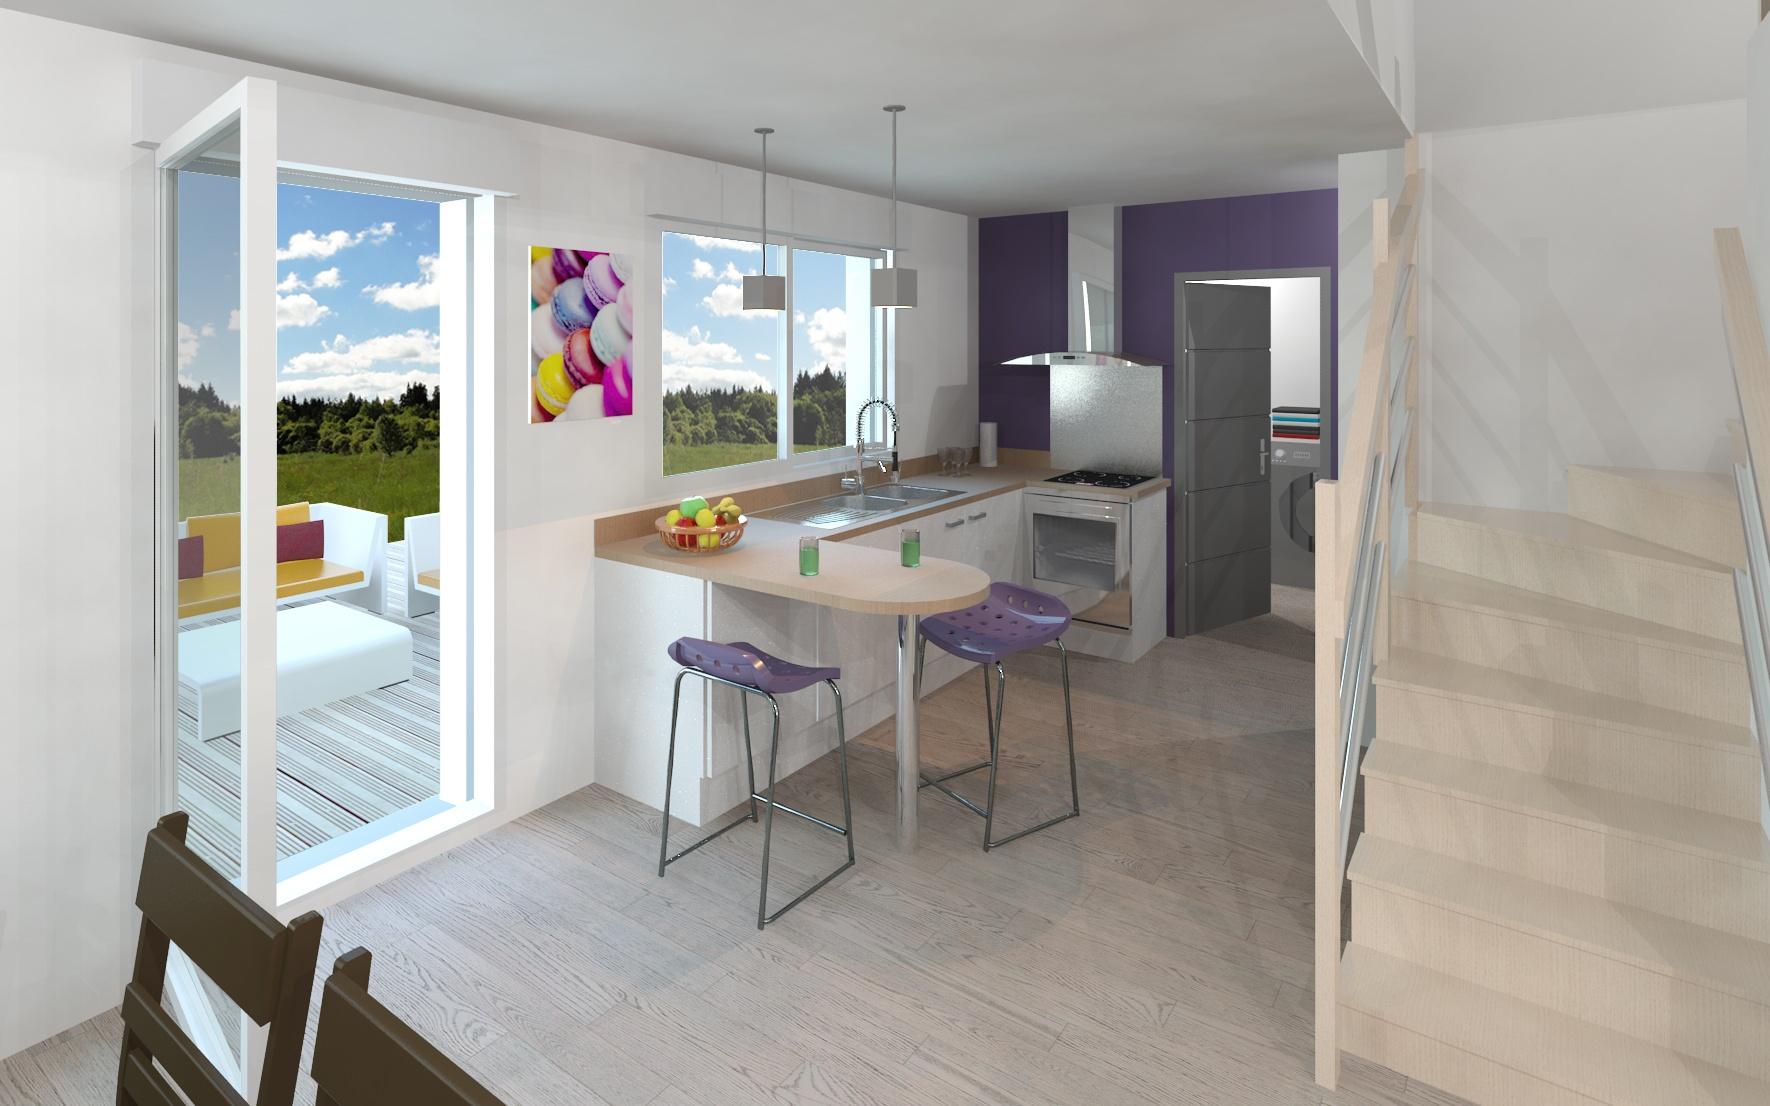 Maisons + Terrains du constructeur MAISON FAMILIALE • 130 m² • MEUNG SUR LOIRE